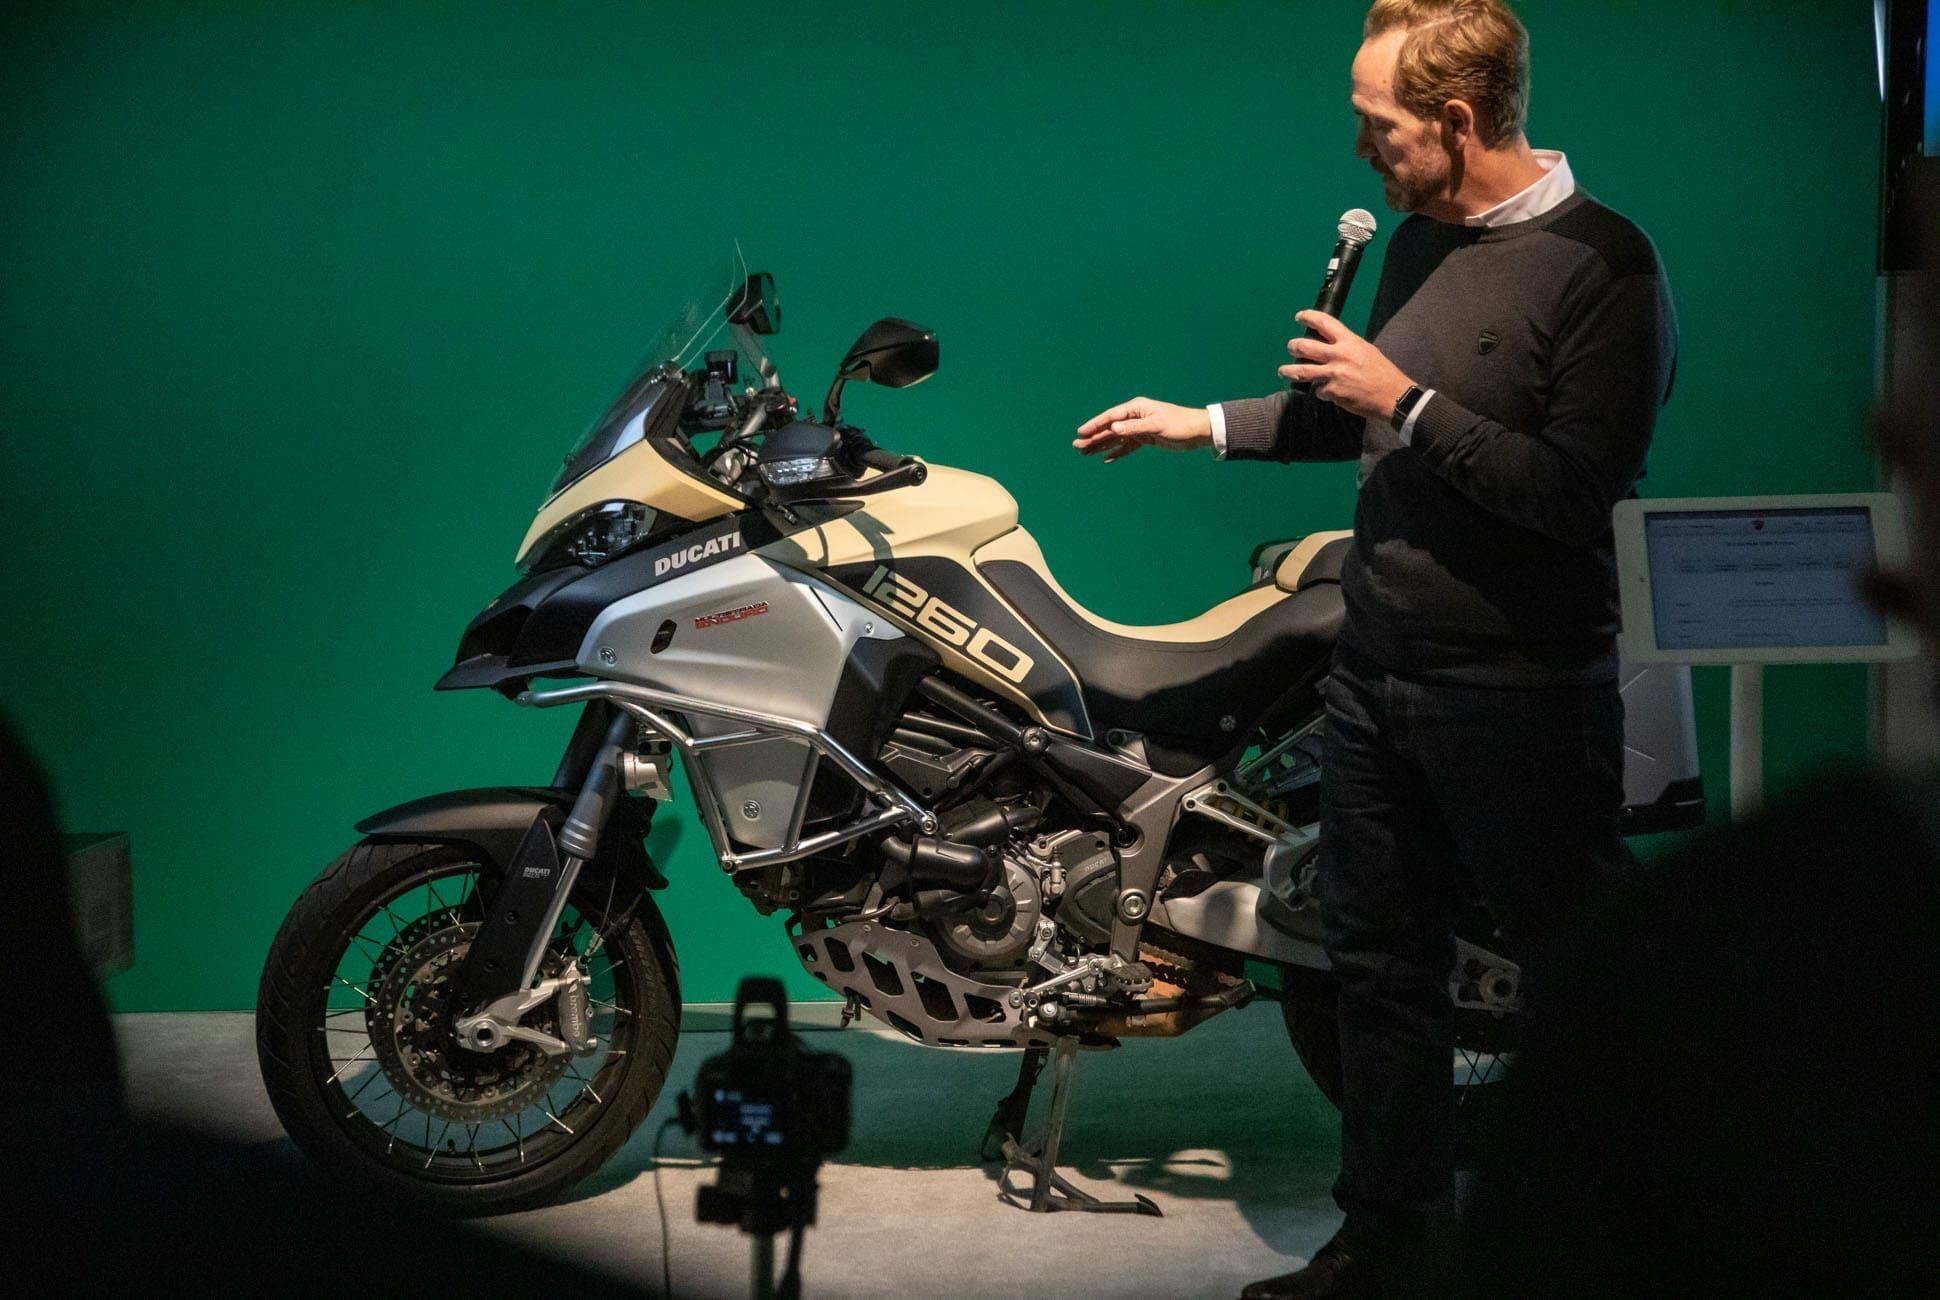 IMS 2018 Show Gear Patrol Ducati Slide 04